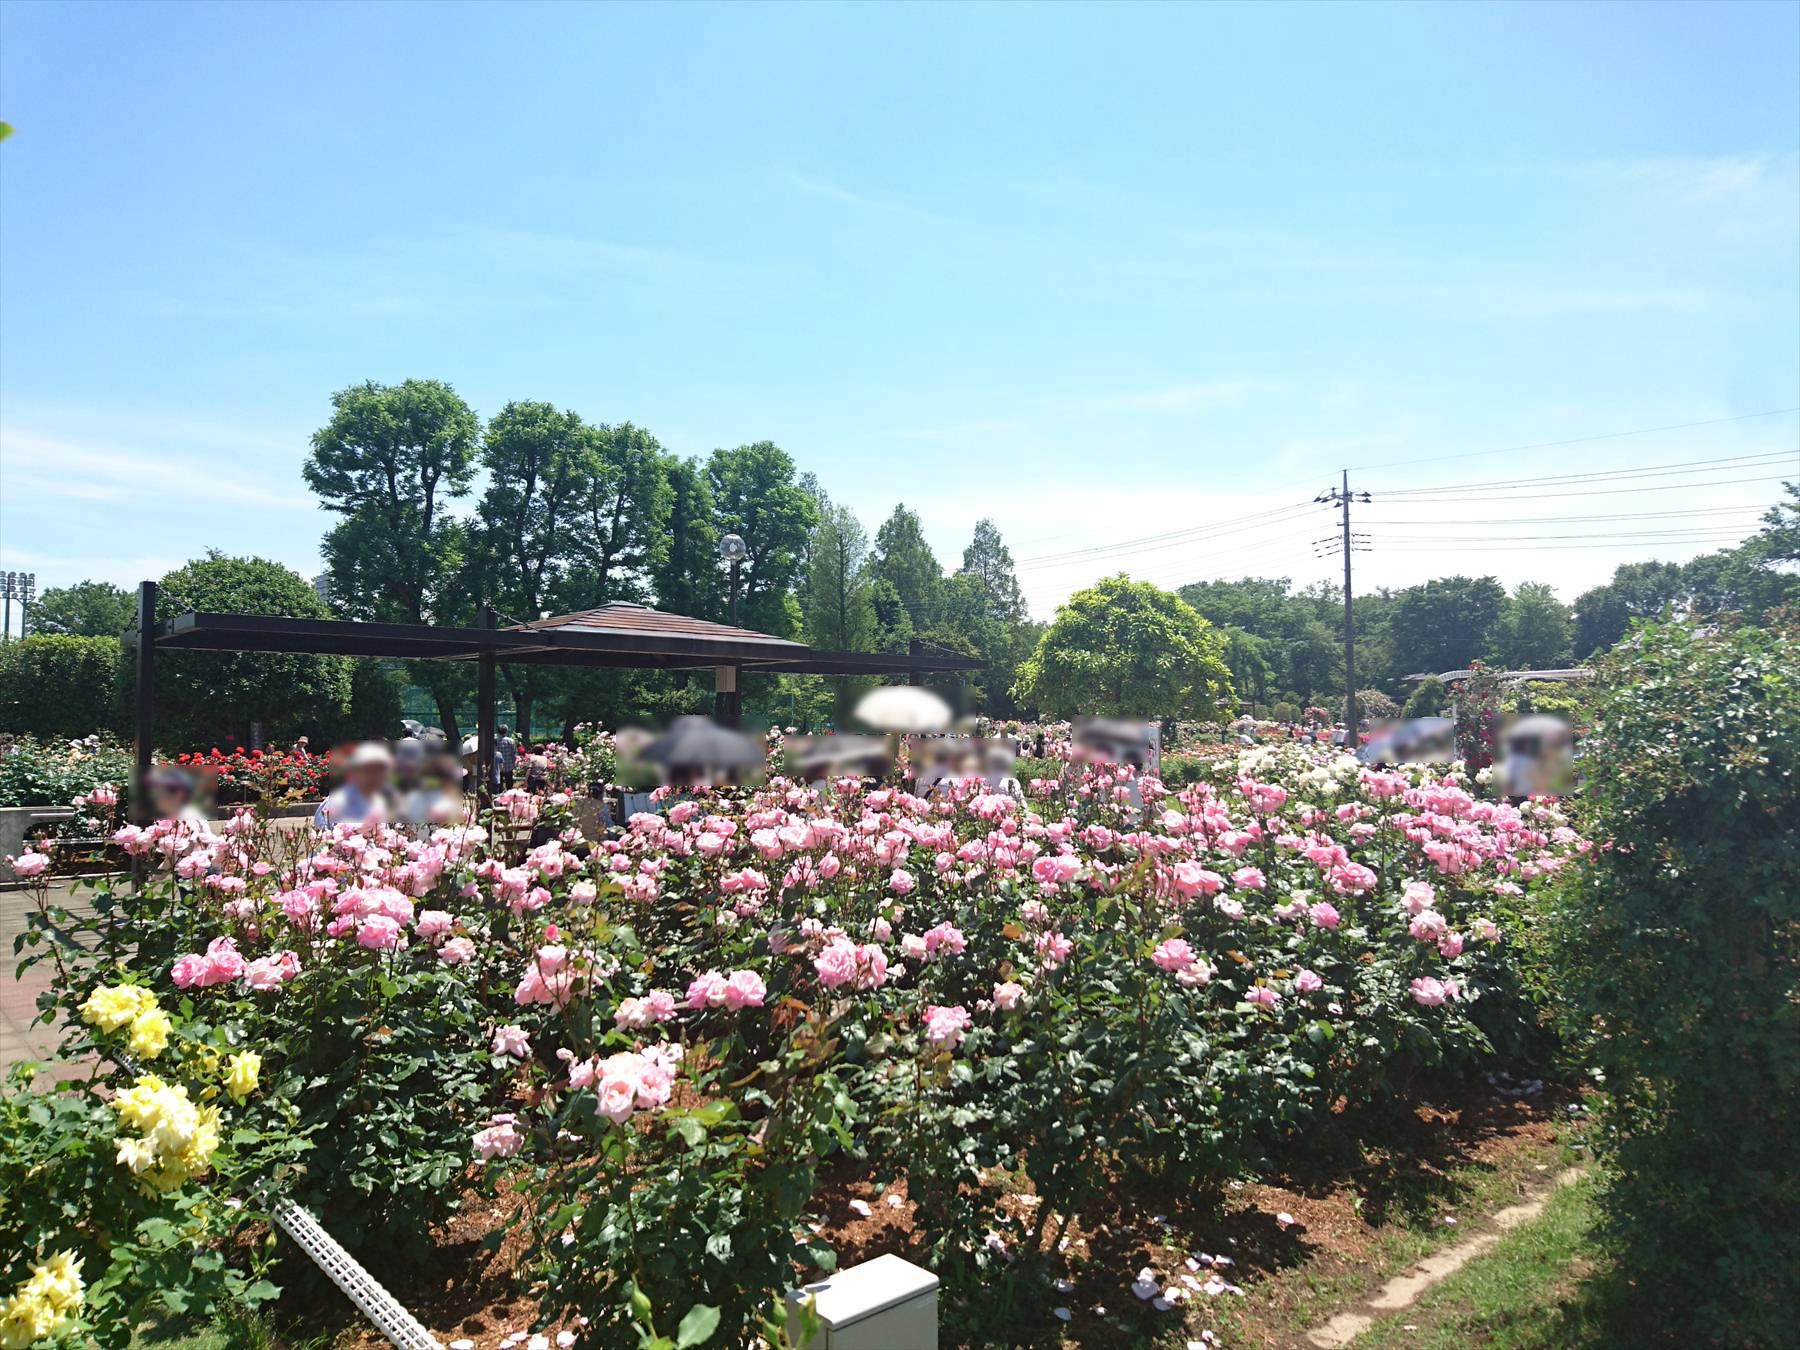 ・埼玉県伊奈町の2016バラまつり開催中です | 霊園とお墓のはなし